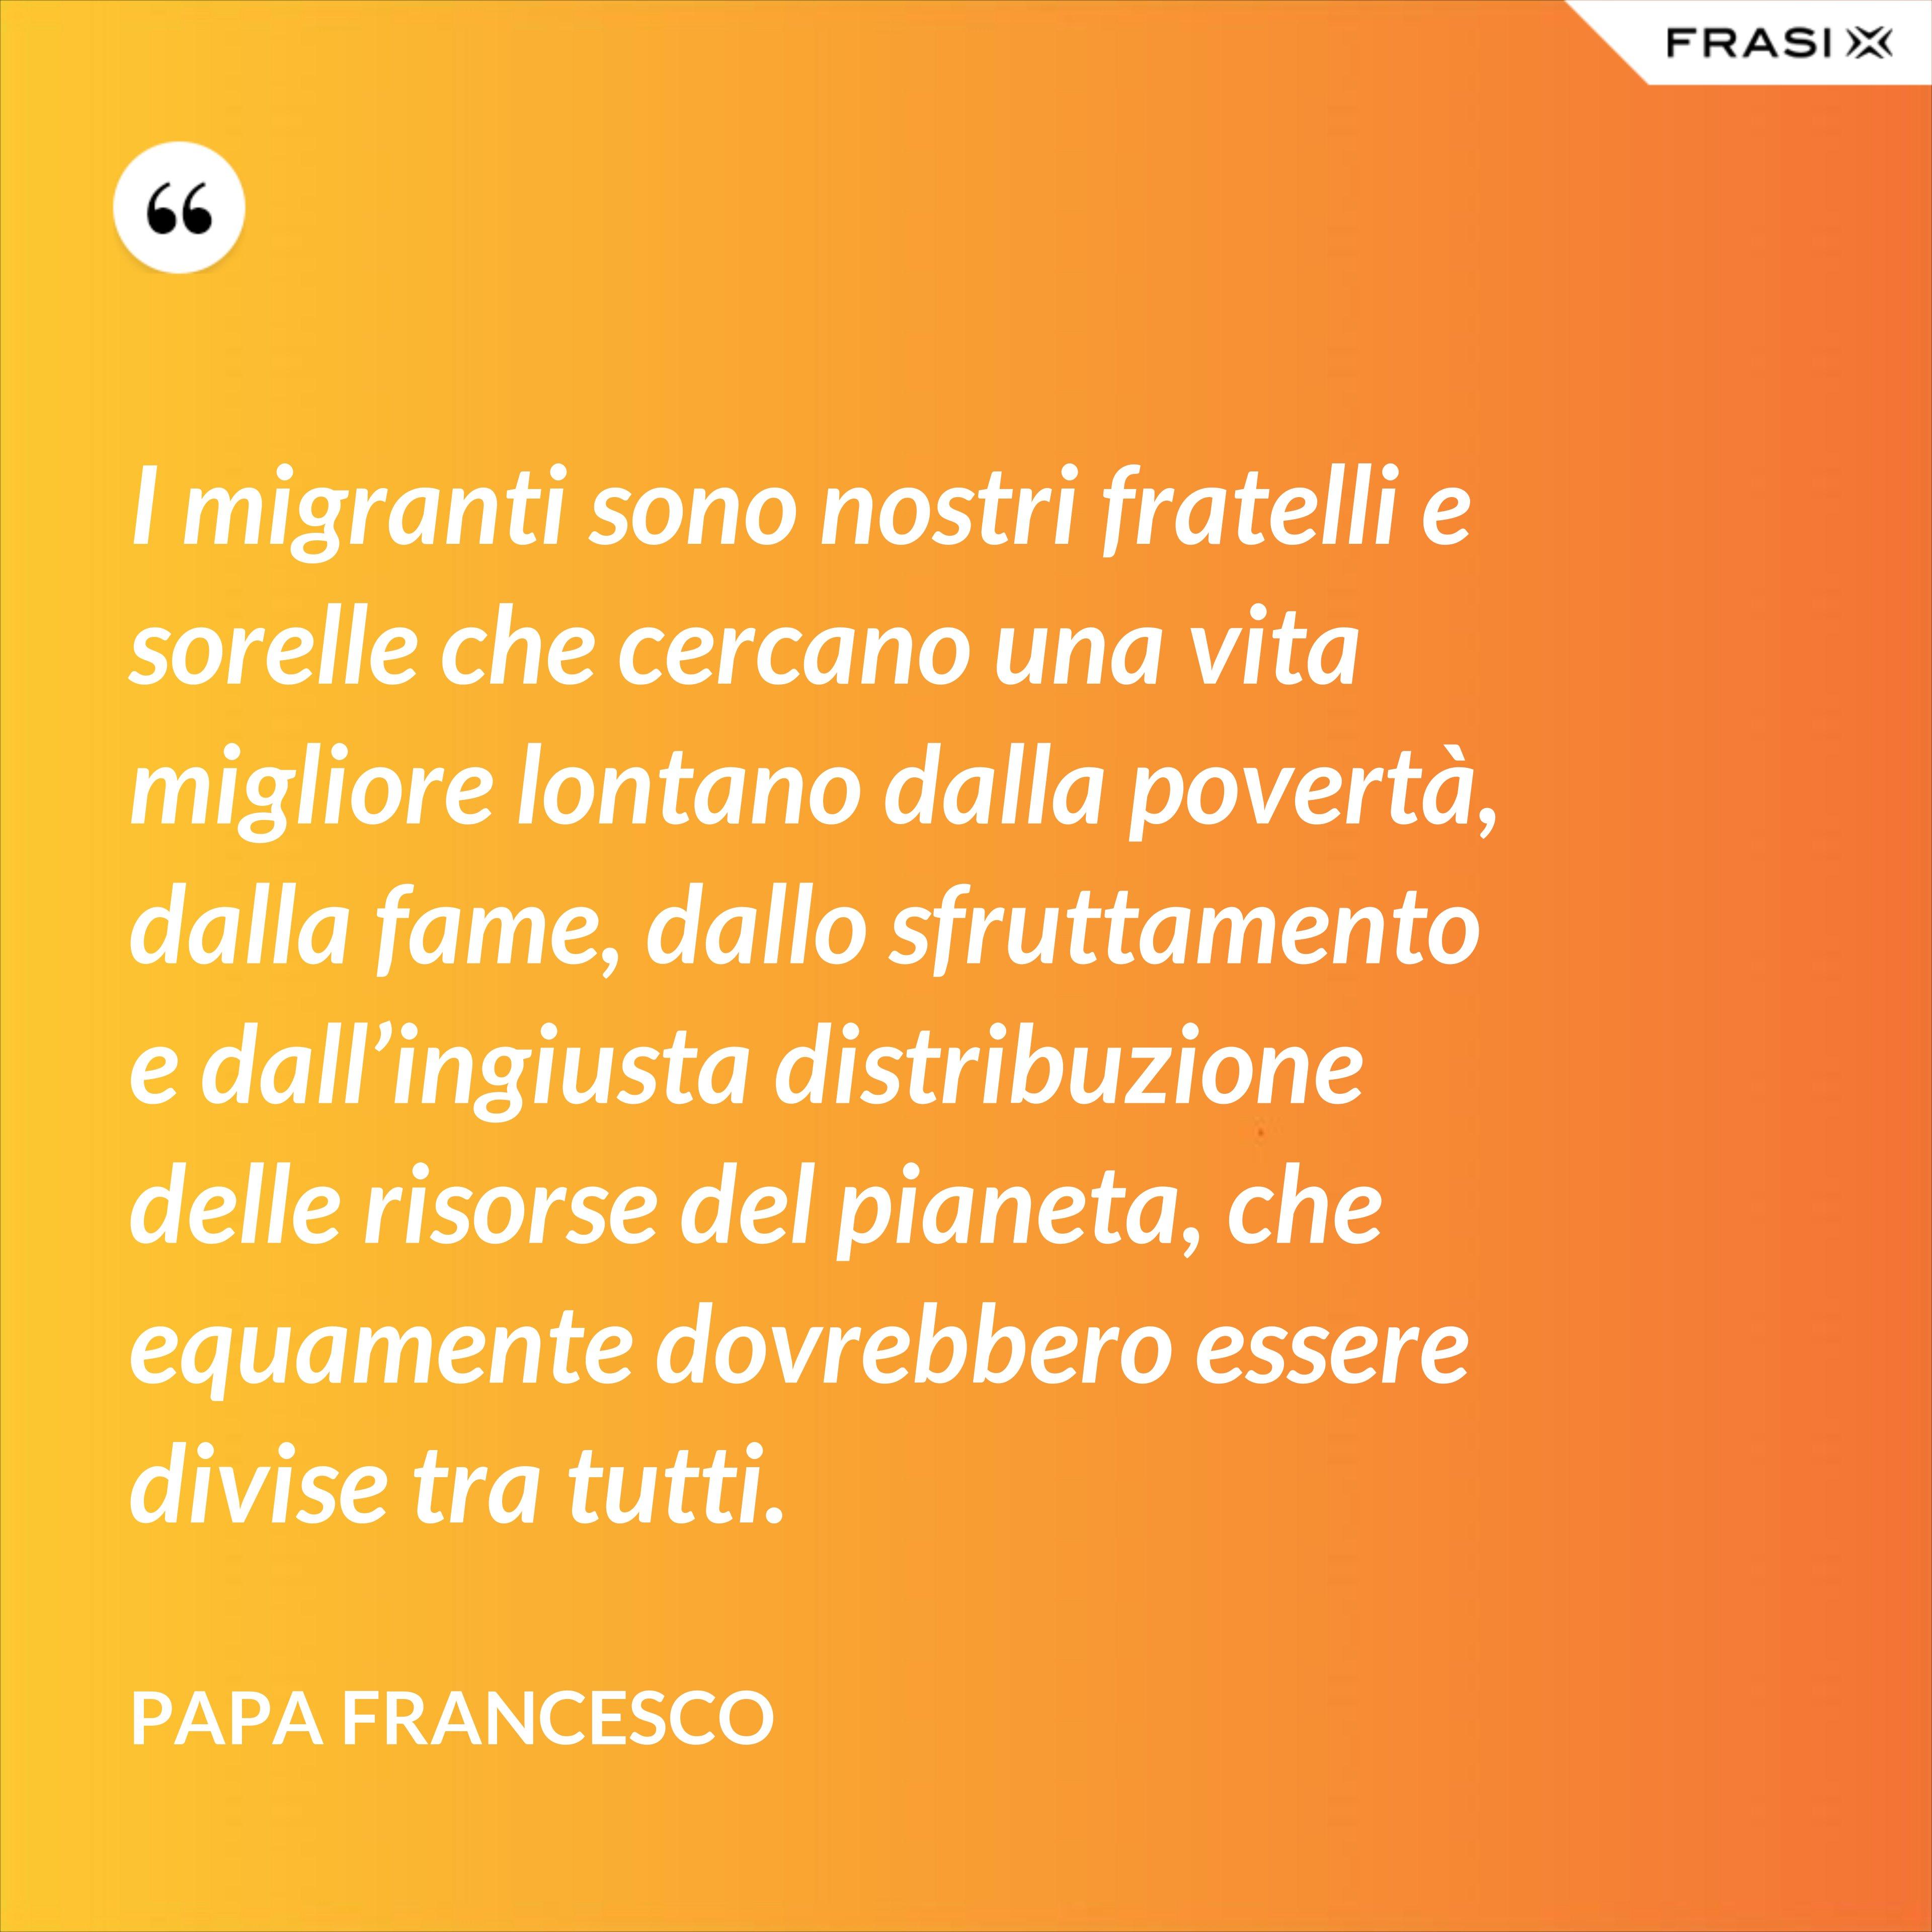 I migranti sono nostri fratelli e sorelle che cercano una vita migliore lontano dalla povertà, dalla fame, dallo sfruttamento e dall'ingiusta distribuzione delle risorse del pianeta, che equamente dovrebbero essere divise tra tutti. - Papa Francesco